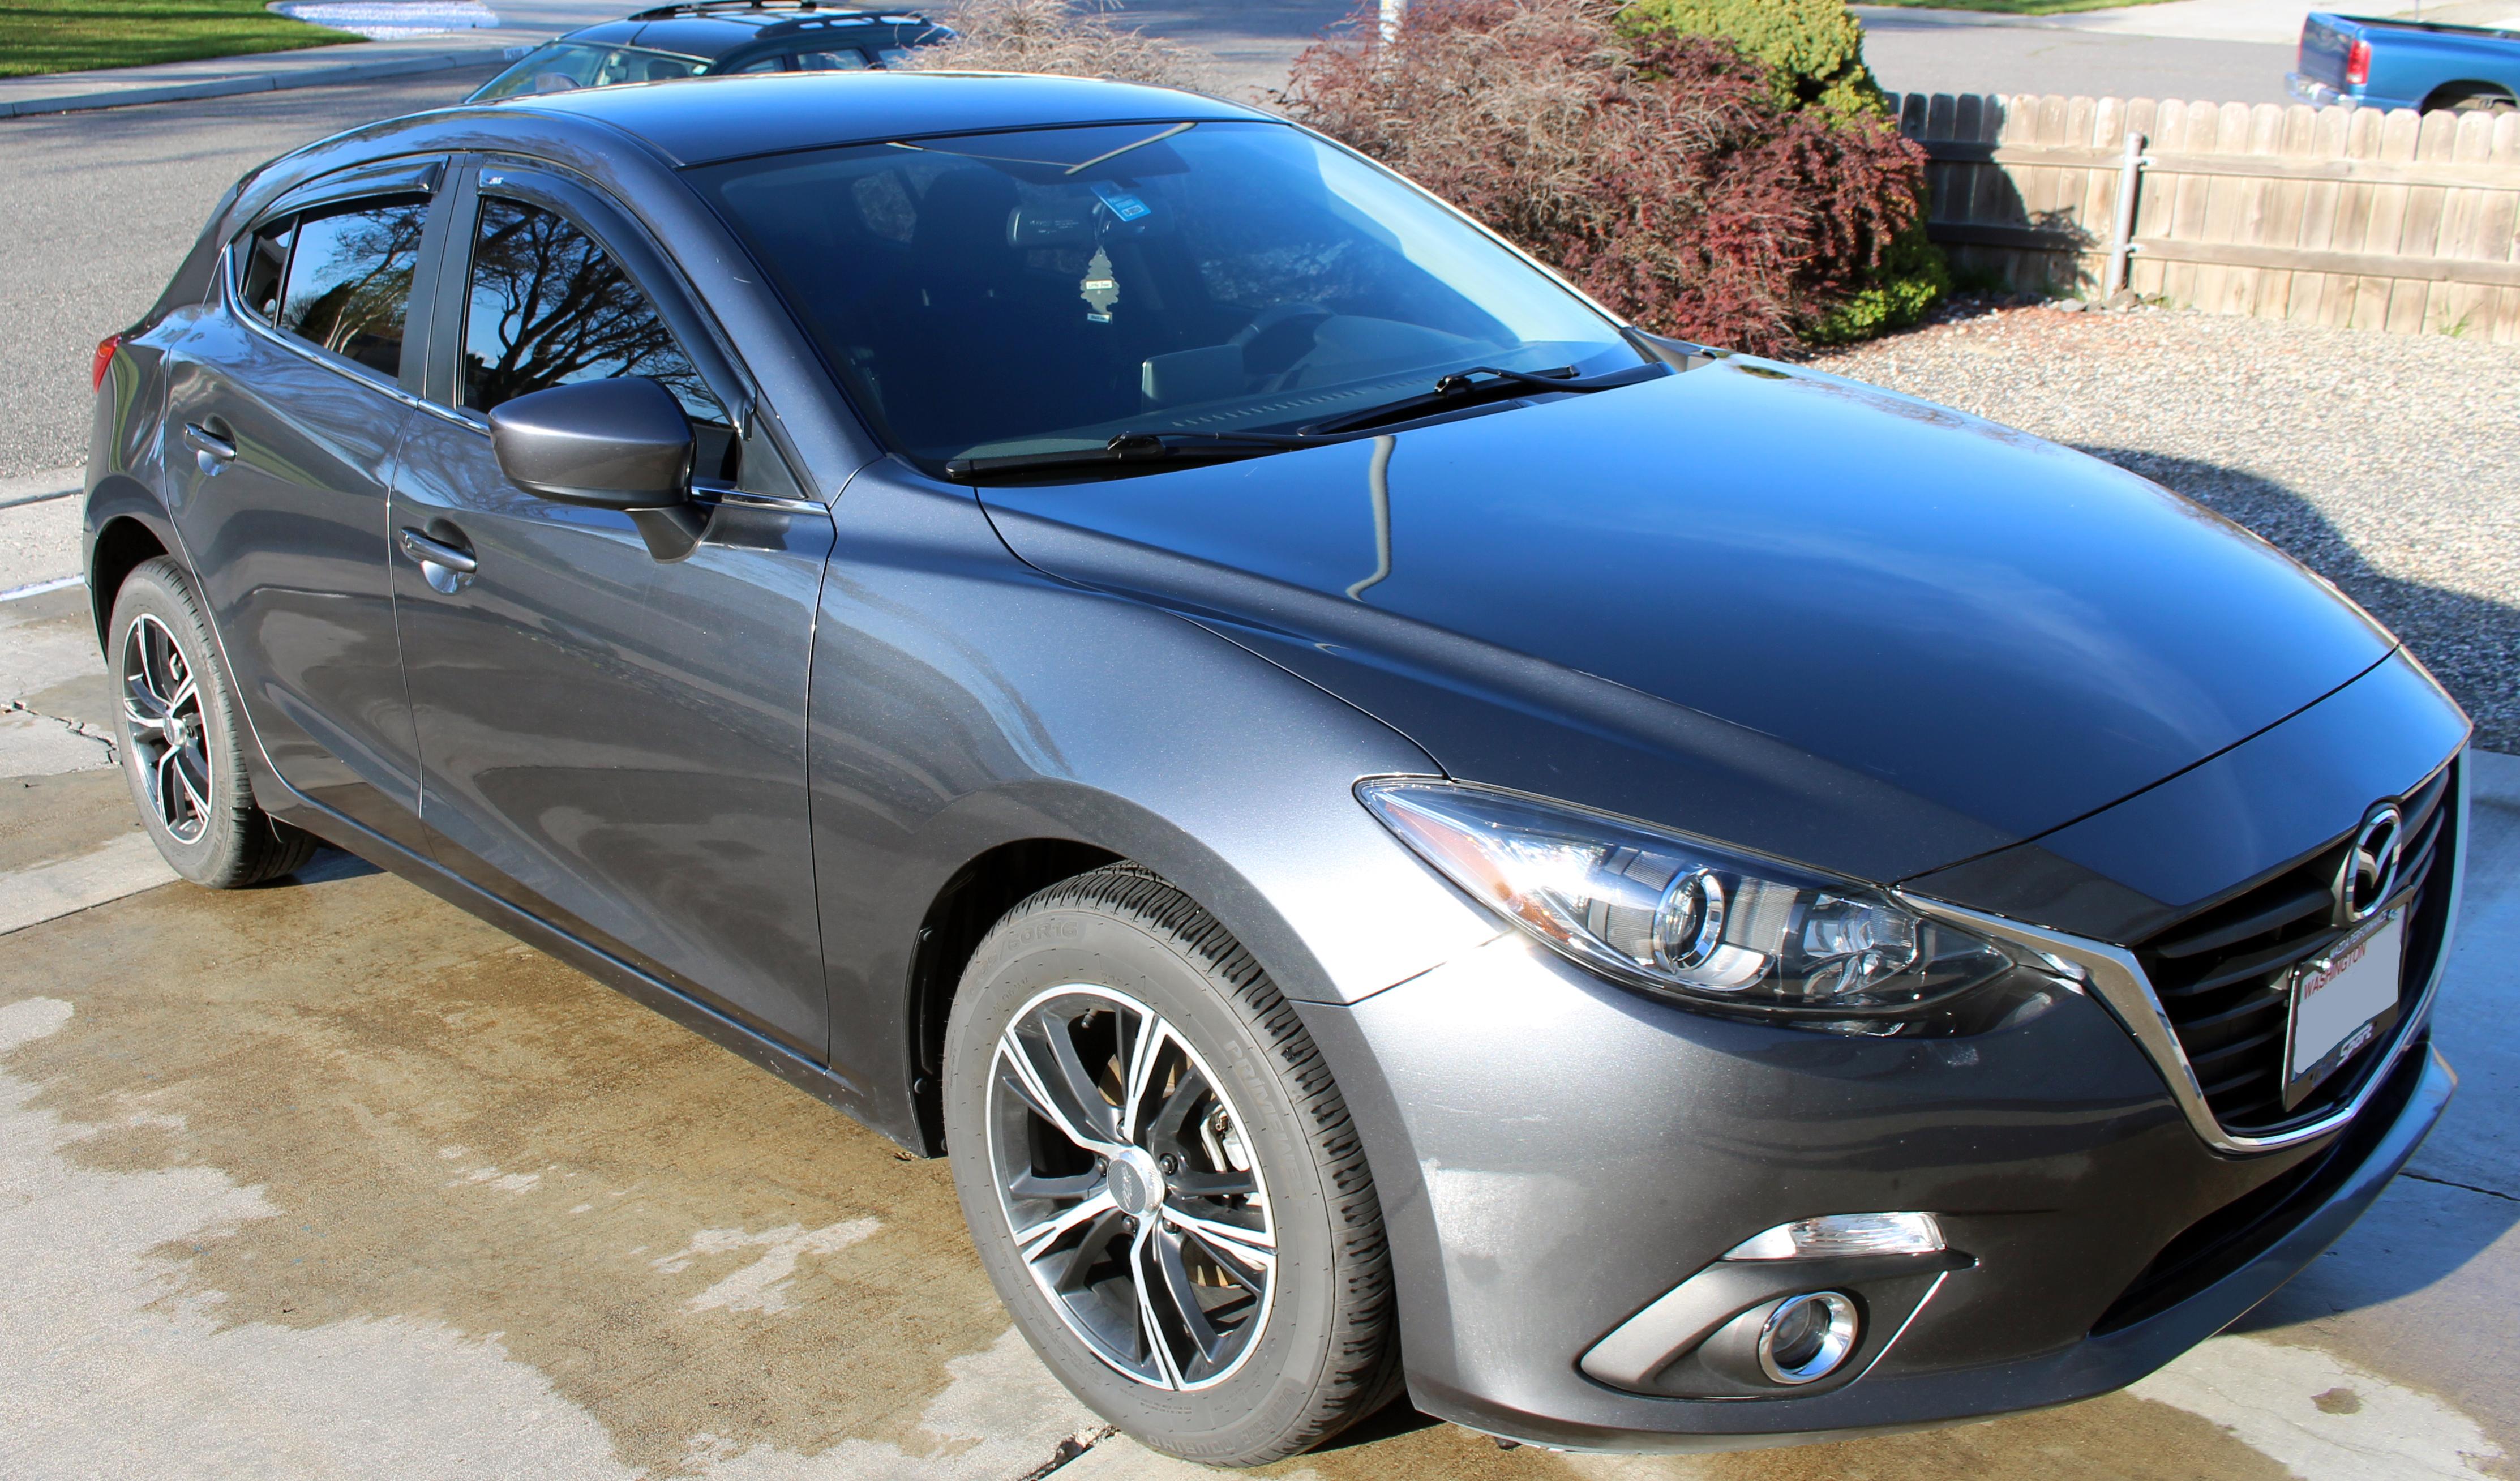 BHN1-V3-700 Genuine Mazda3 /& 3 Sport Door Visors 2014-2018 Mazda 3 /& 3 Sport